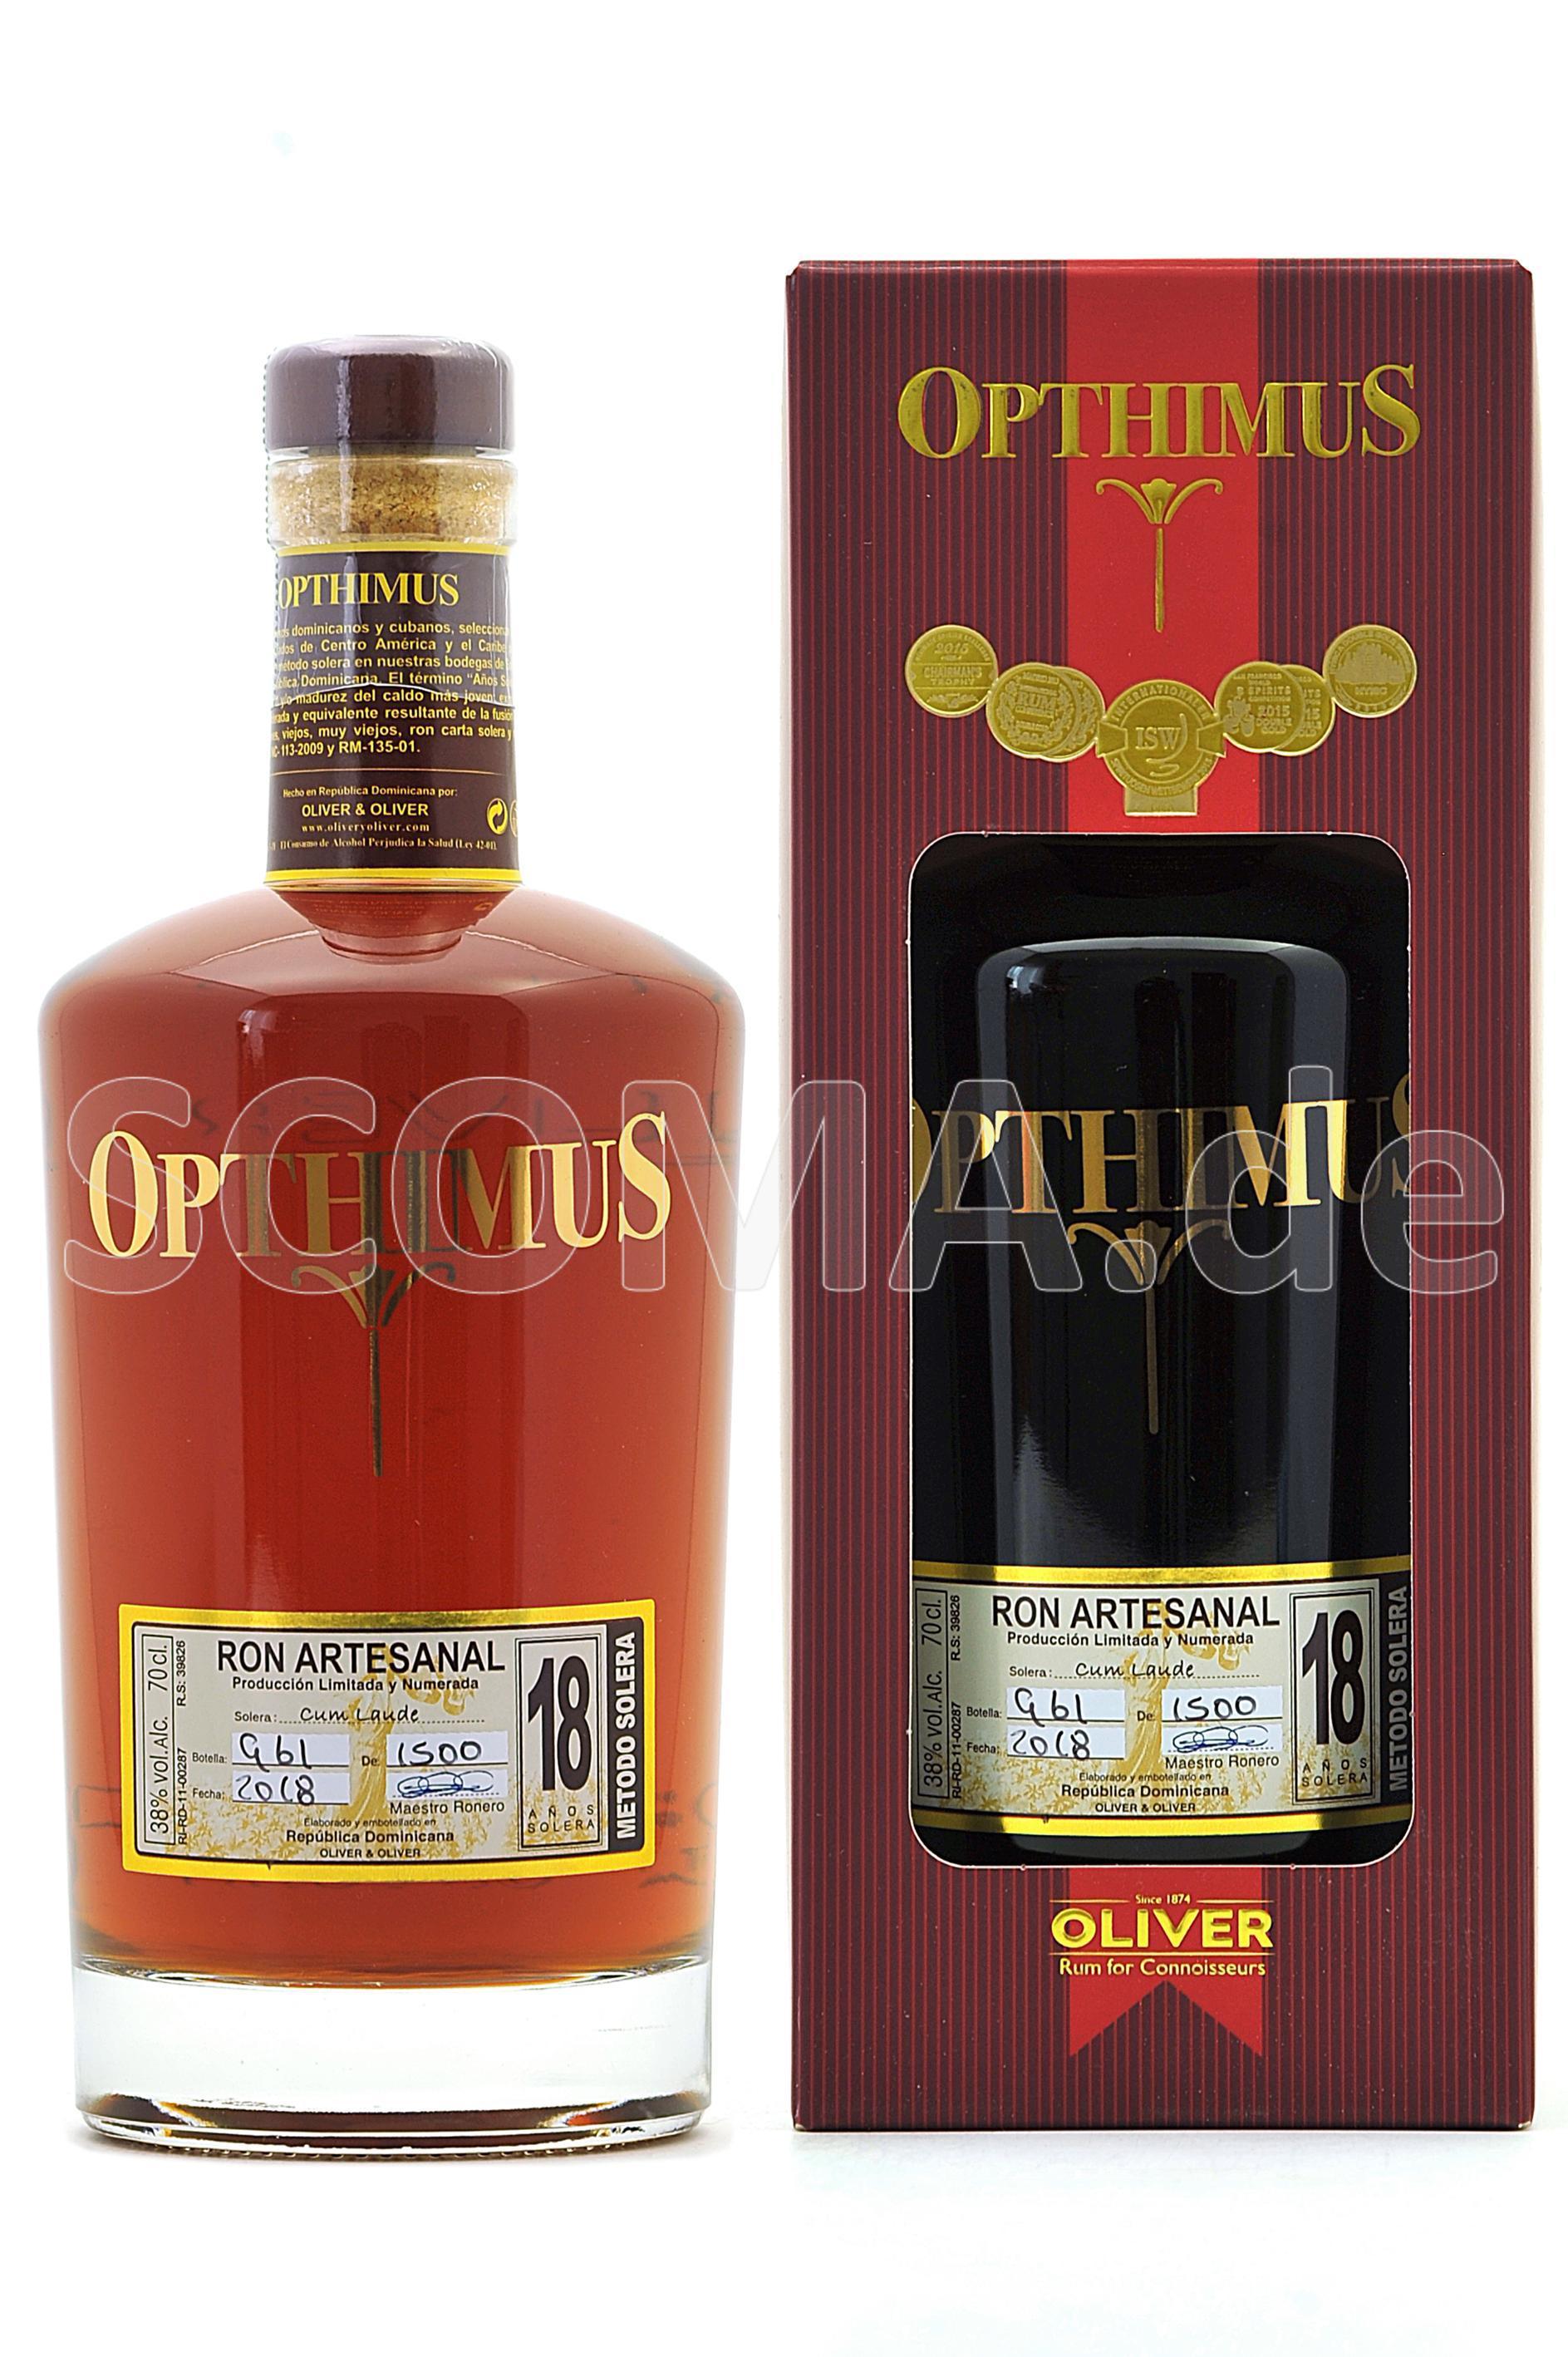 Opthimus Rum 18 years Solera R...